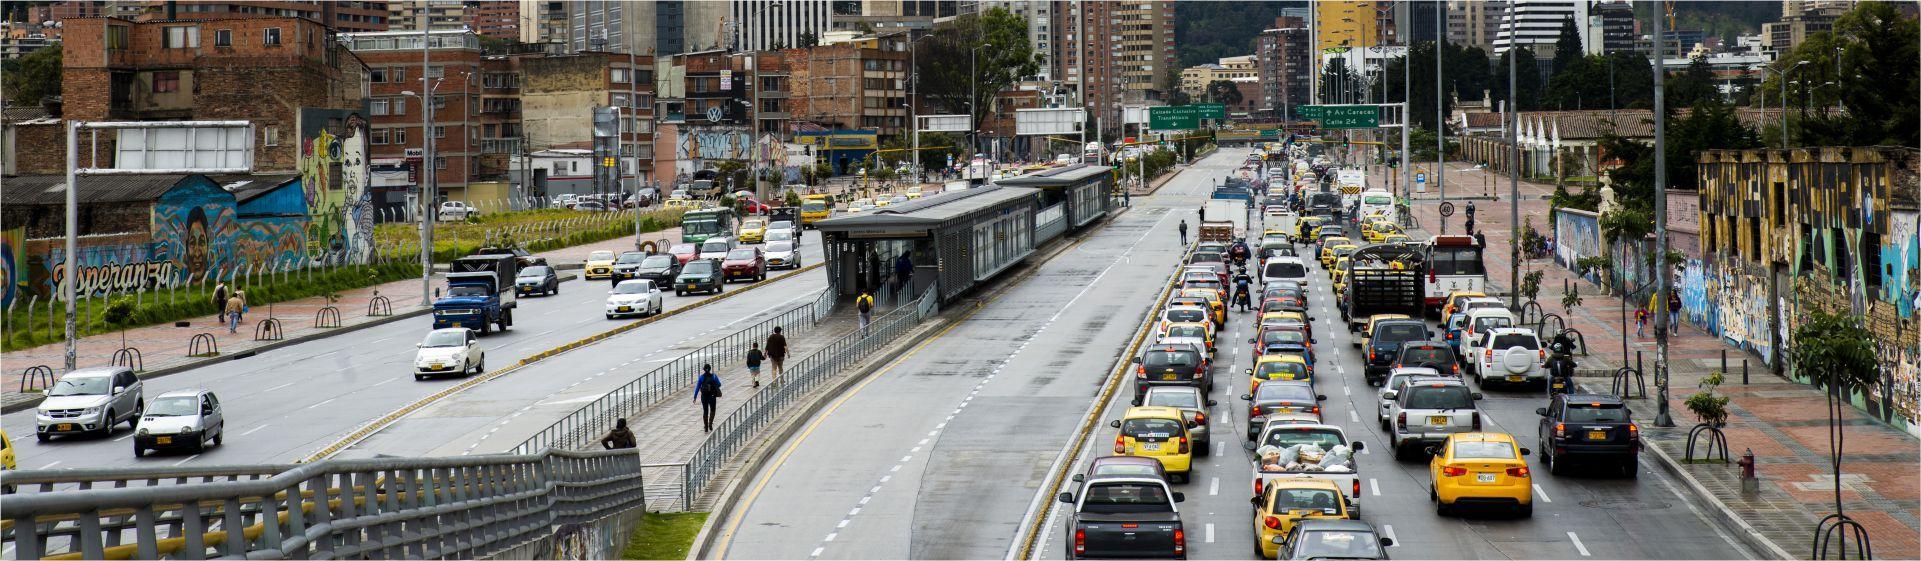 Desafíos y oportunidades legislativas para mejorar la seguridad vial en Colombia- Cider | Uniandes